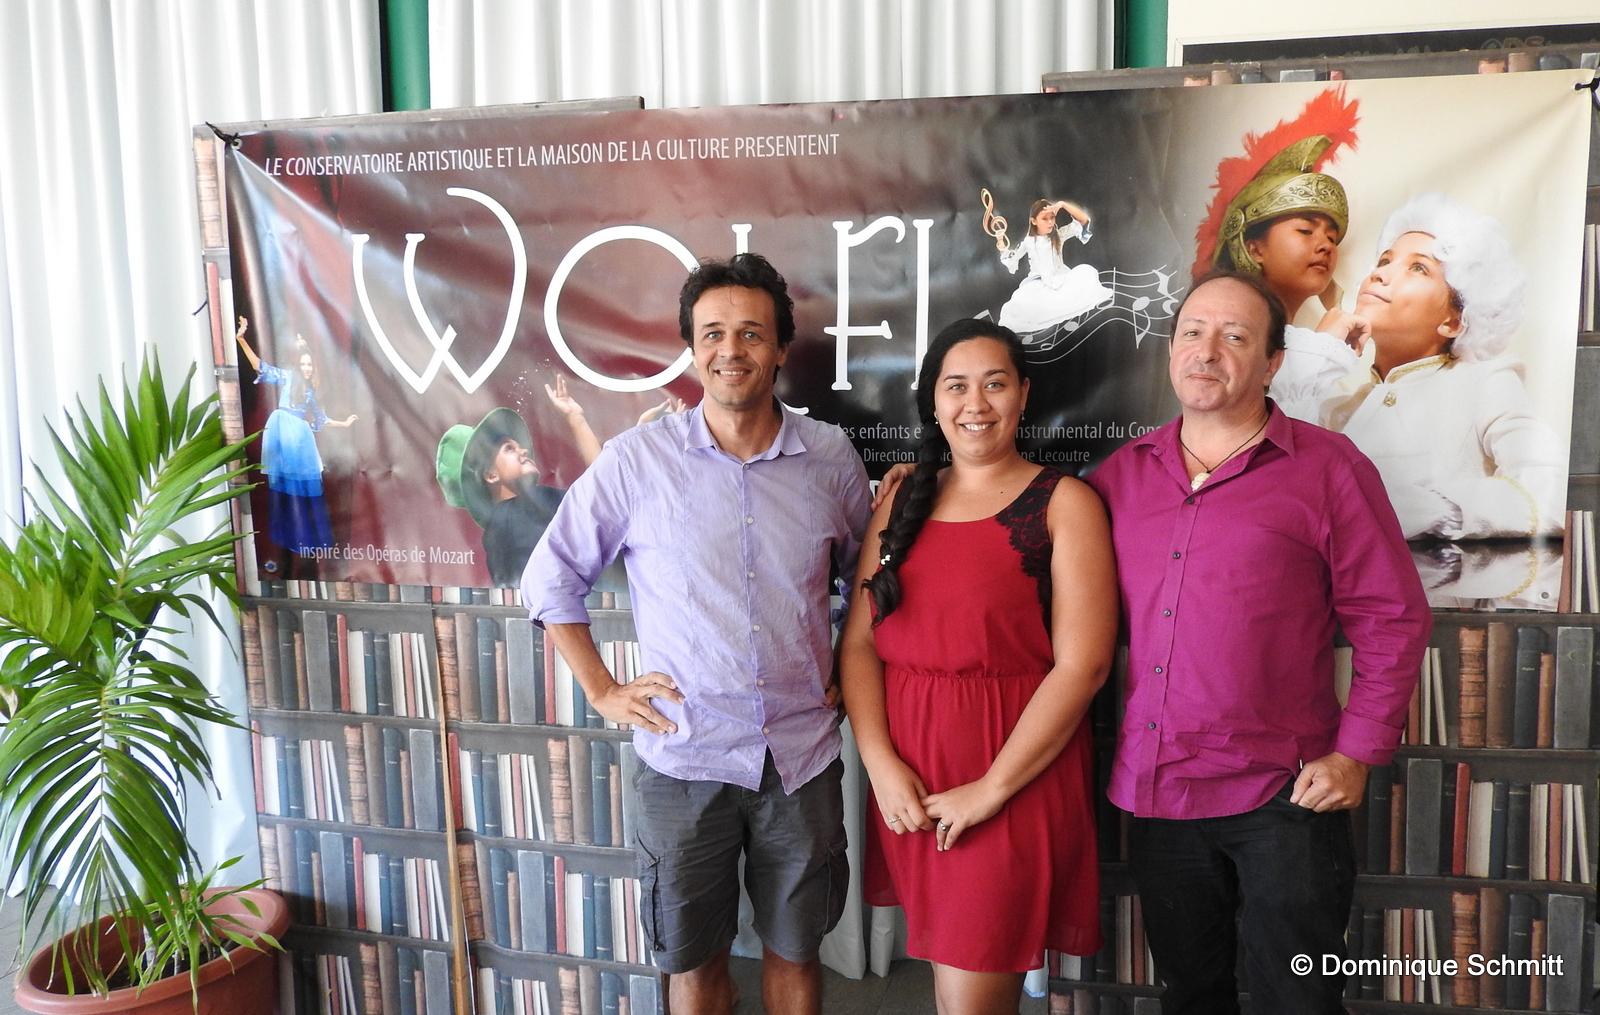 Stéphane Lecoutre, le directeur musical, Vanessa Cuneo, de la Maison de la culture, et Frédéric Cibard, chargé de communication au Conservatoire.